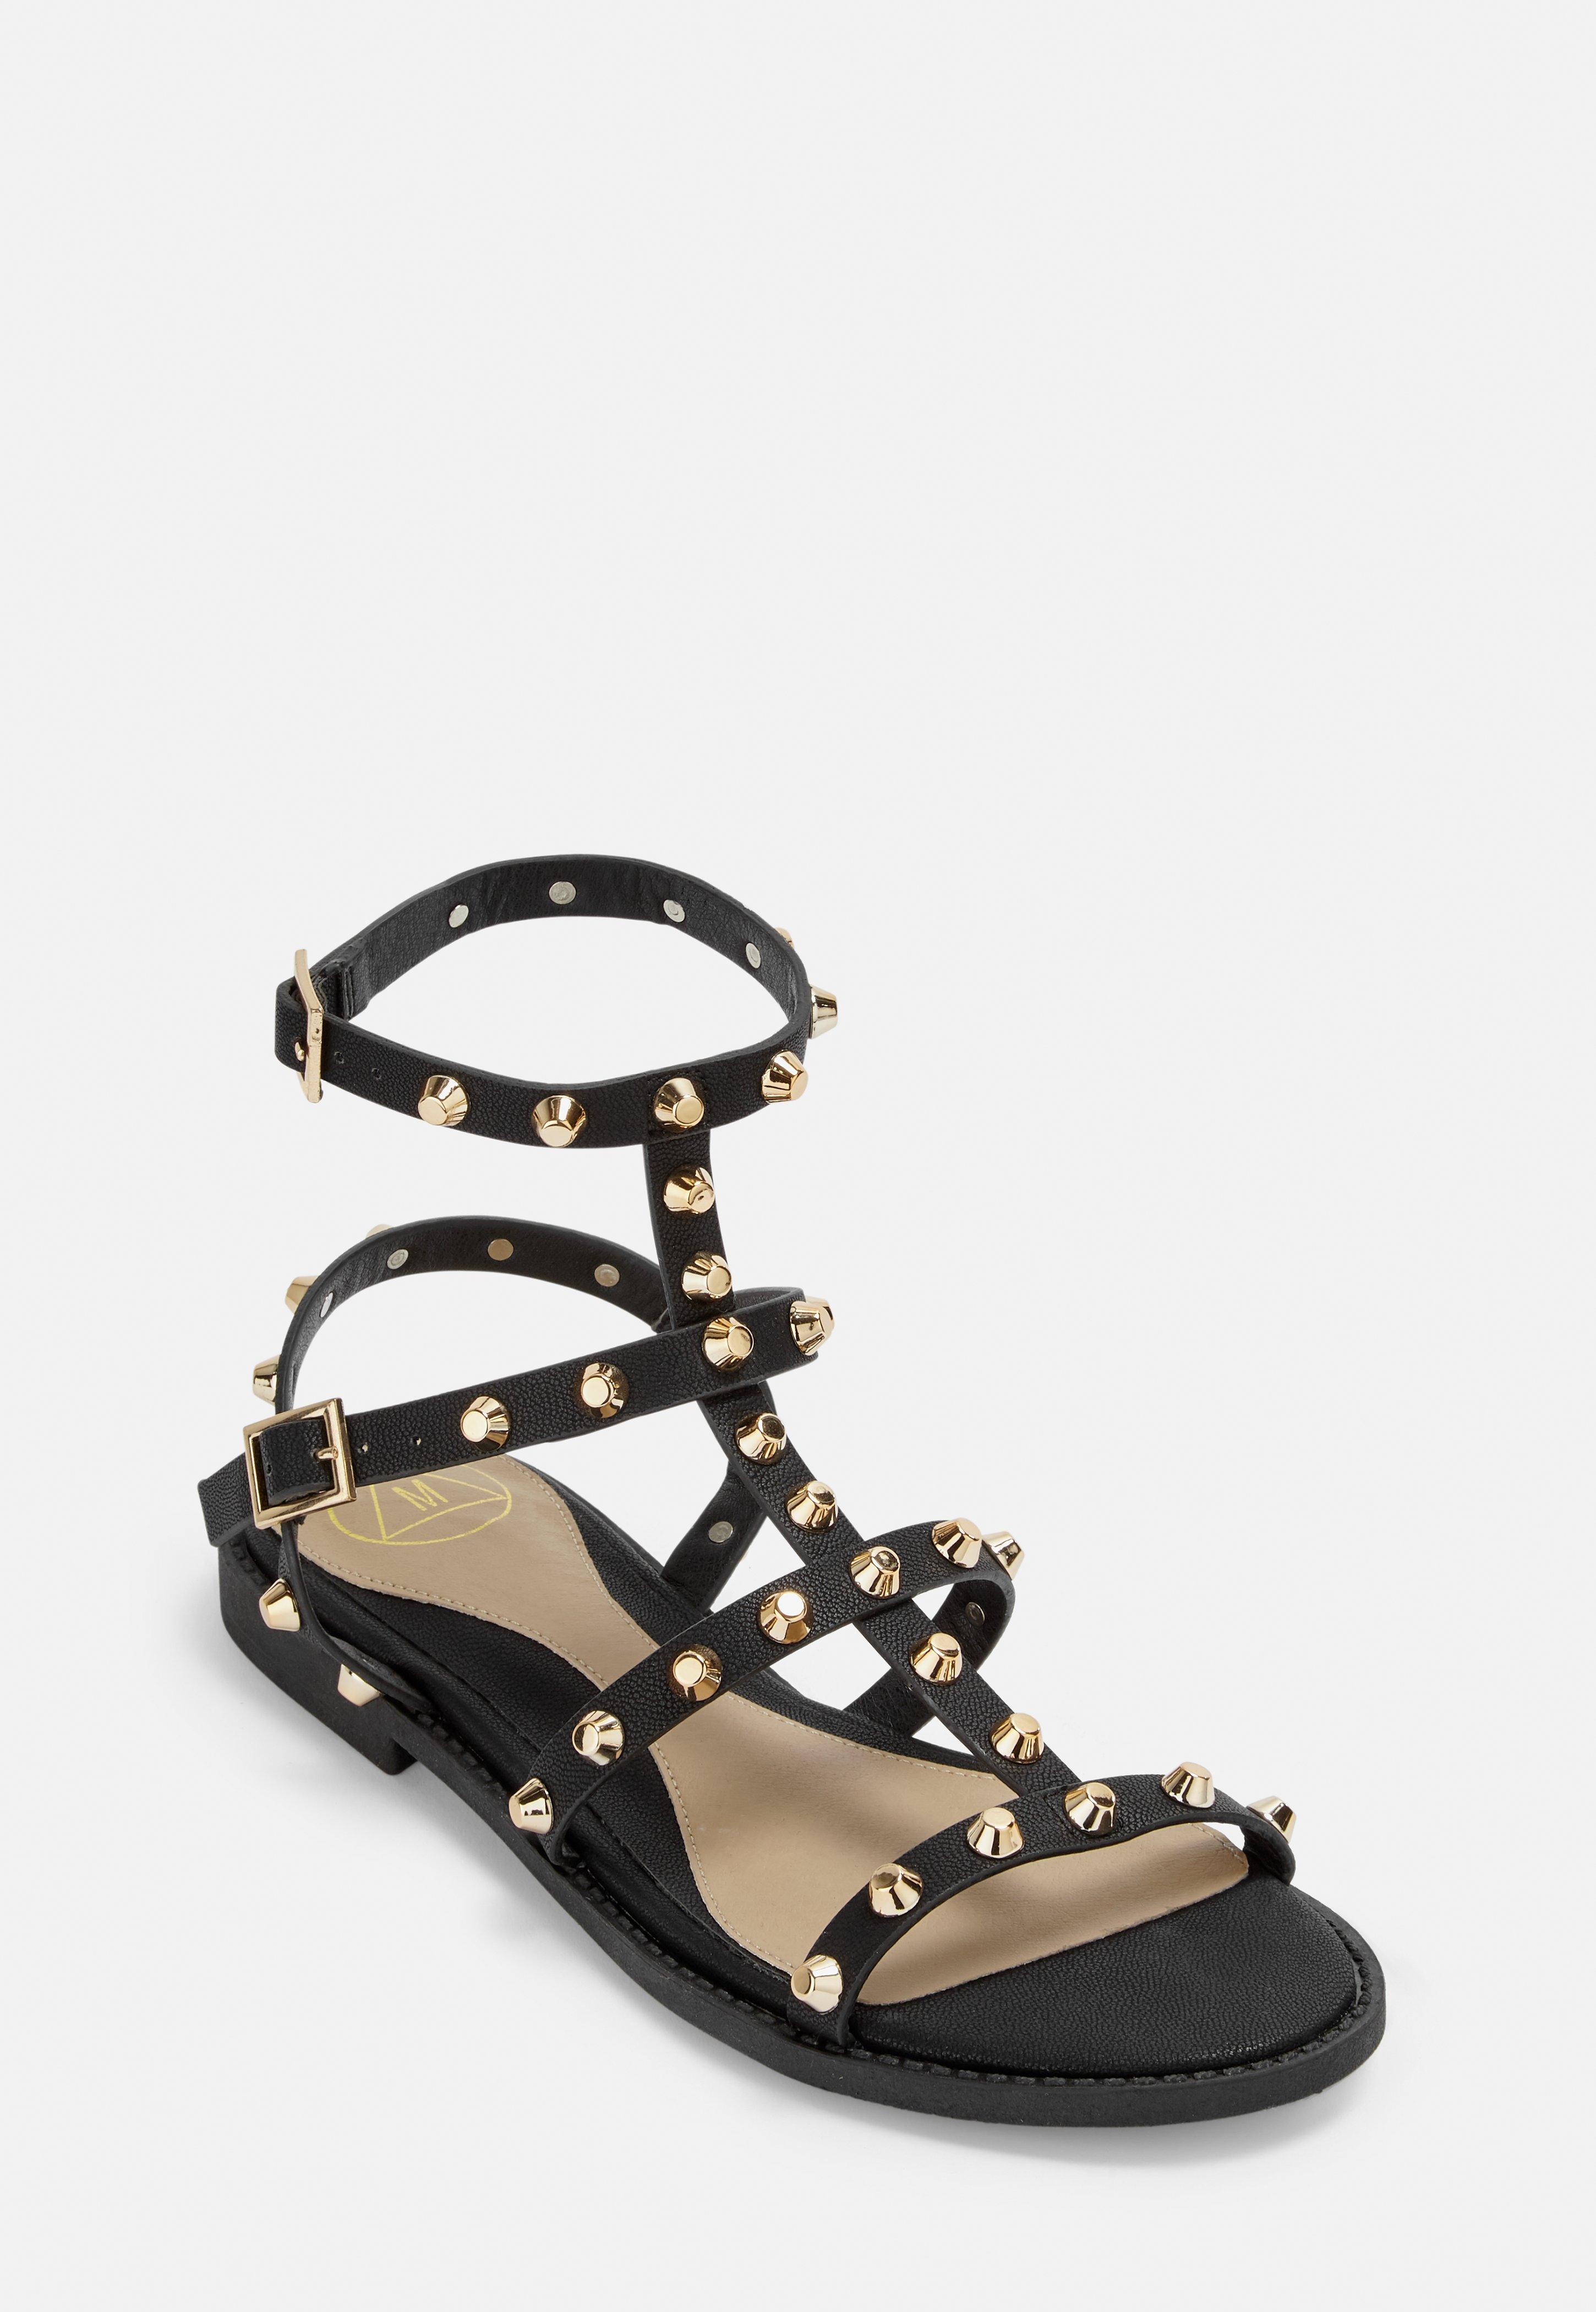 Sandały gladiatorki Zćwiekami na małej koturnie 38 Zdjęcie